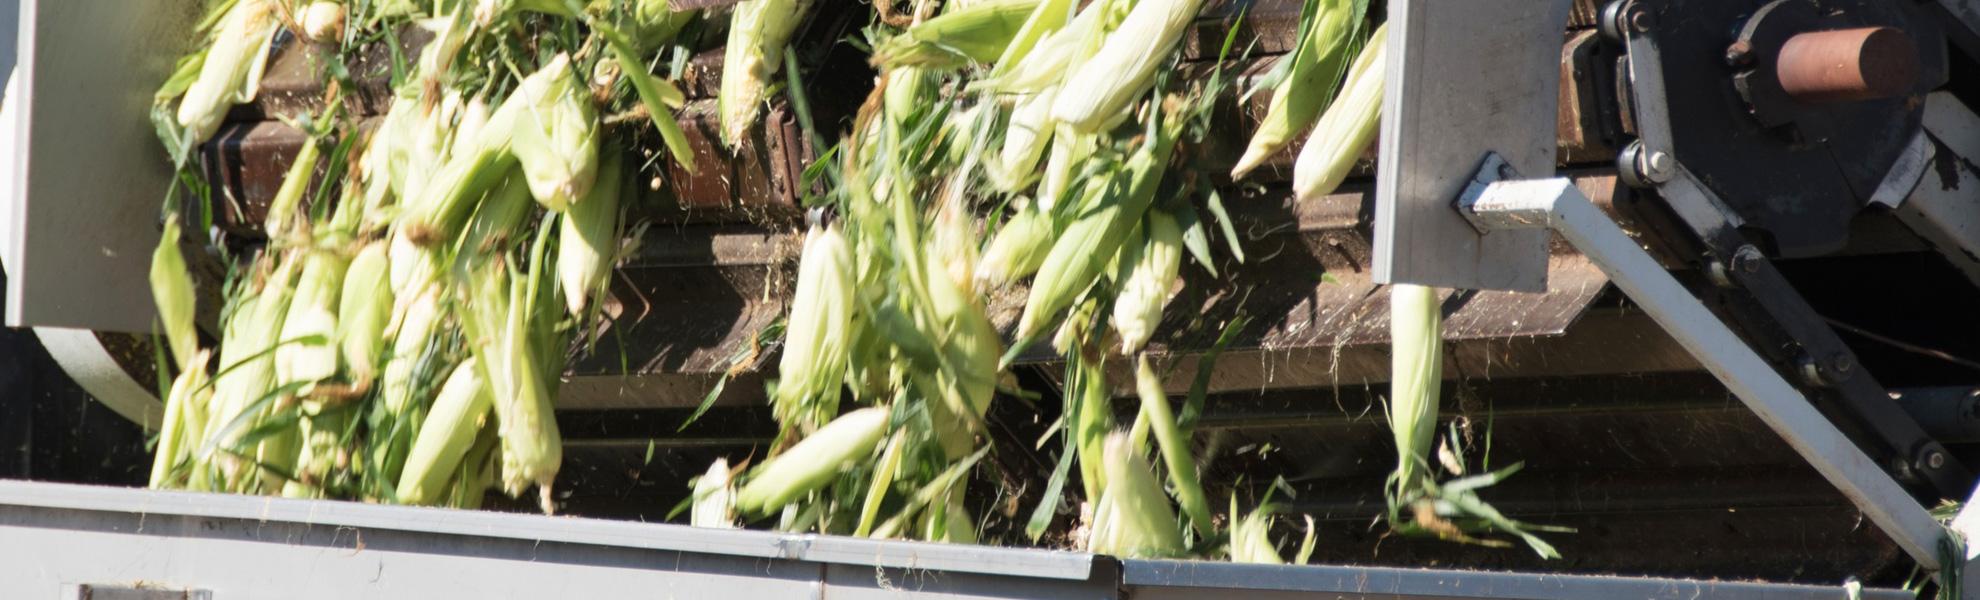 CICSA sistemi a catena per l'industria alimentare